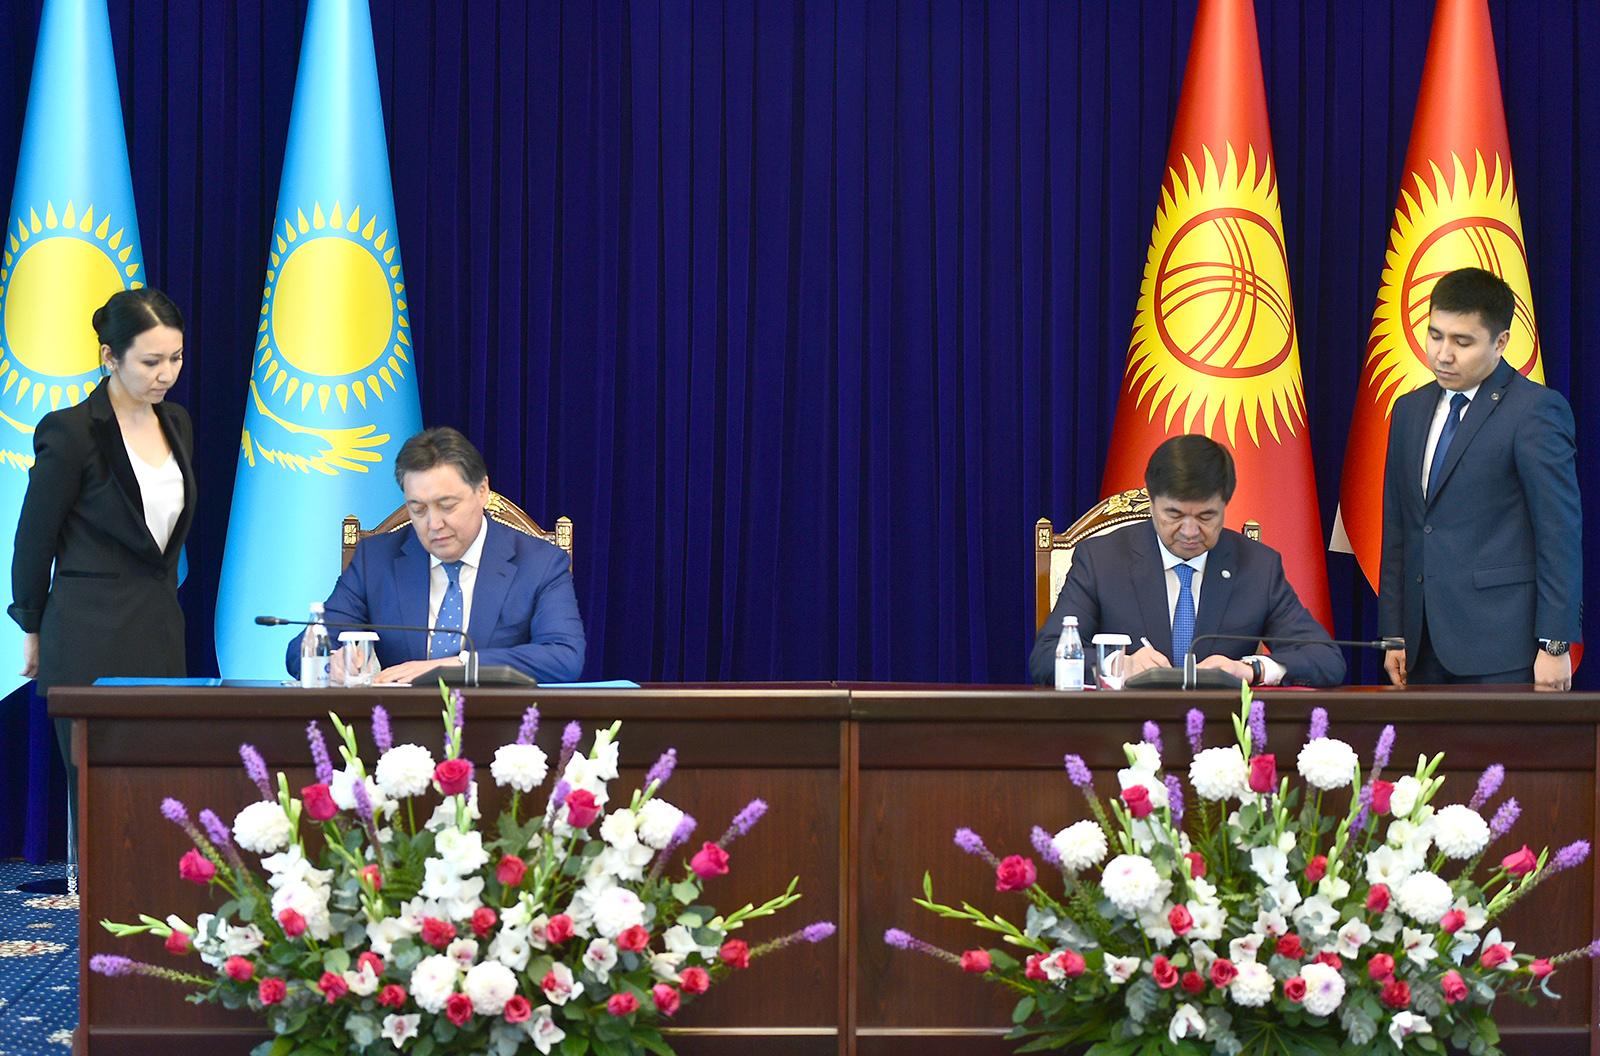 Кыргызстан менен Казакстандын премьер-министрлери кол койгон документтердин тизмеси